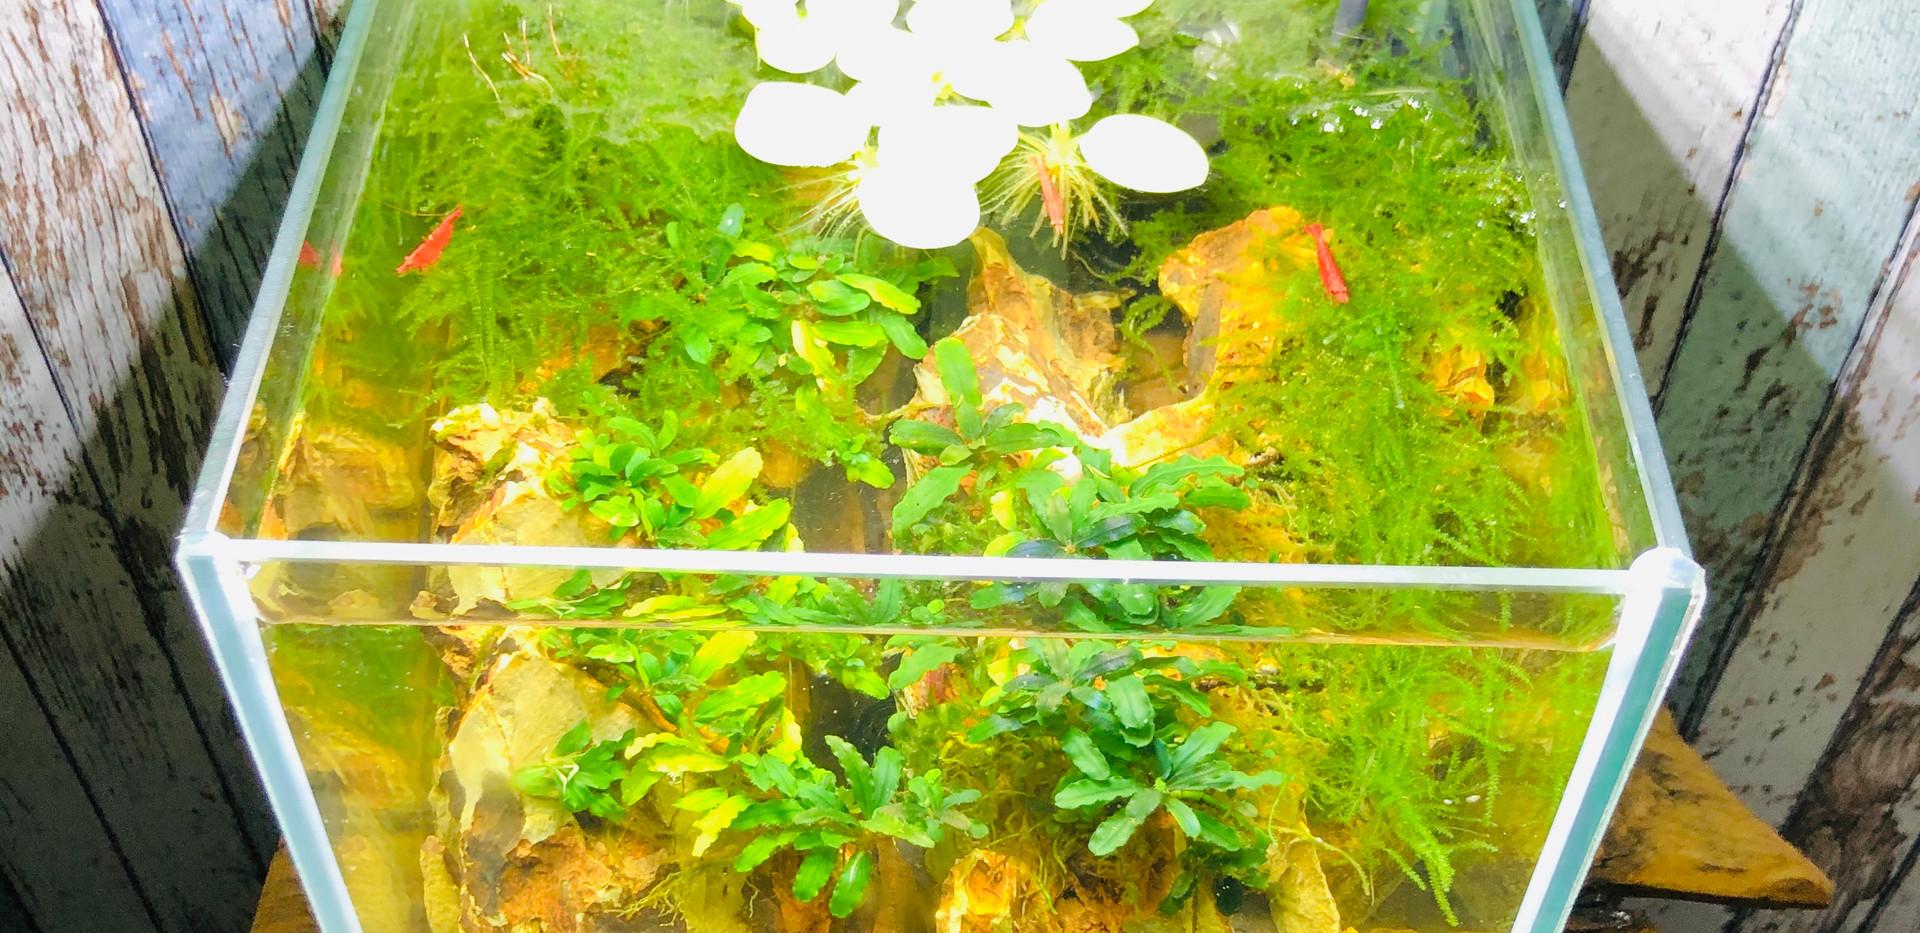 12 Liter NanoScape www.diskusmummy.de (7